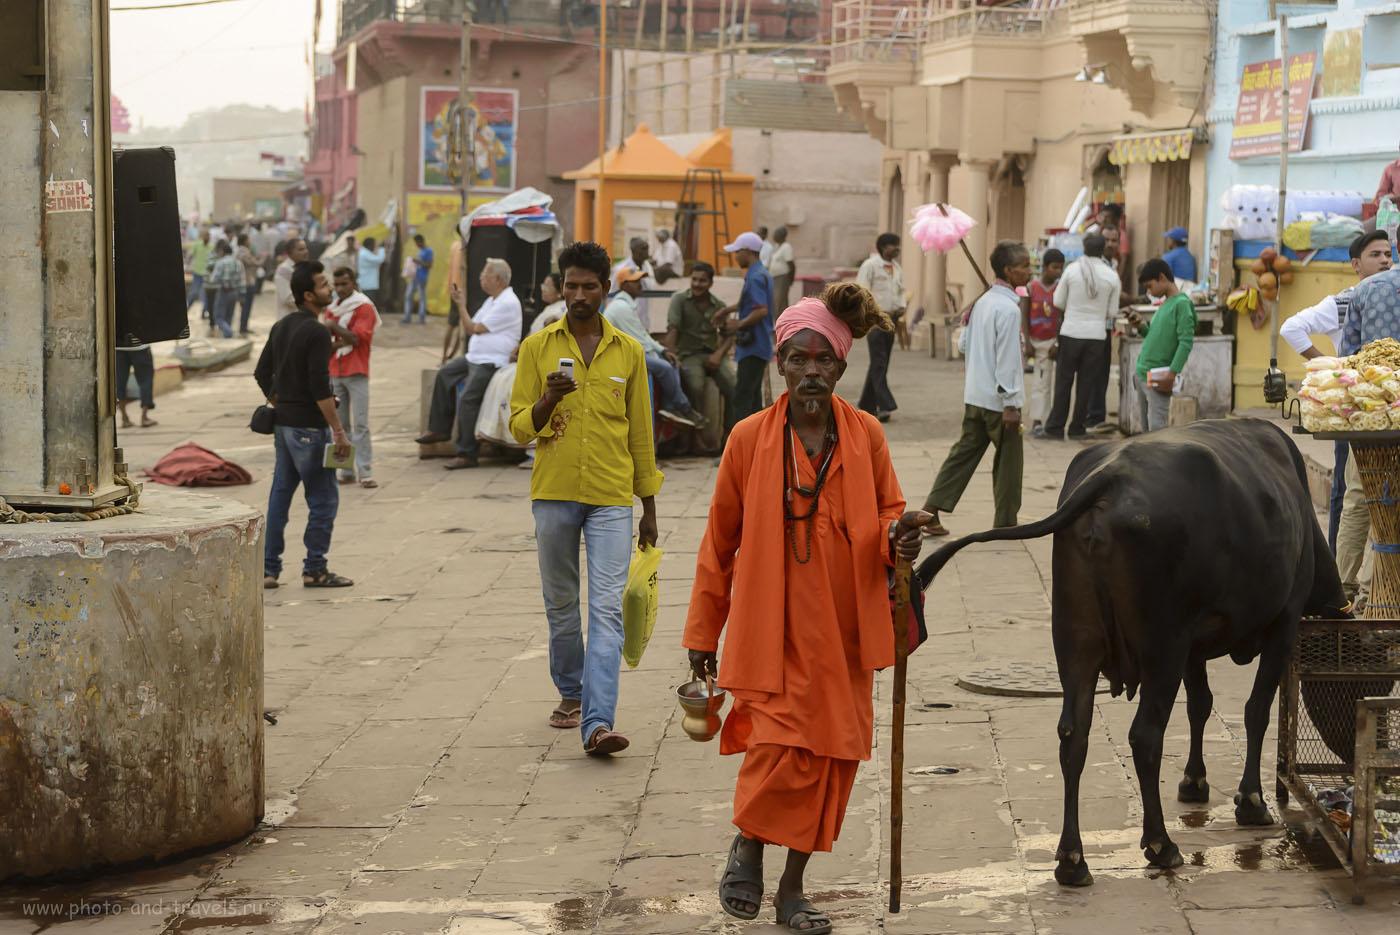 Фото 26. Садху в Варанаси. Рассказы туристов о самостоятельных путешествиях в Индию. 1/640, 4.5, 1250, 70.